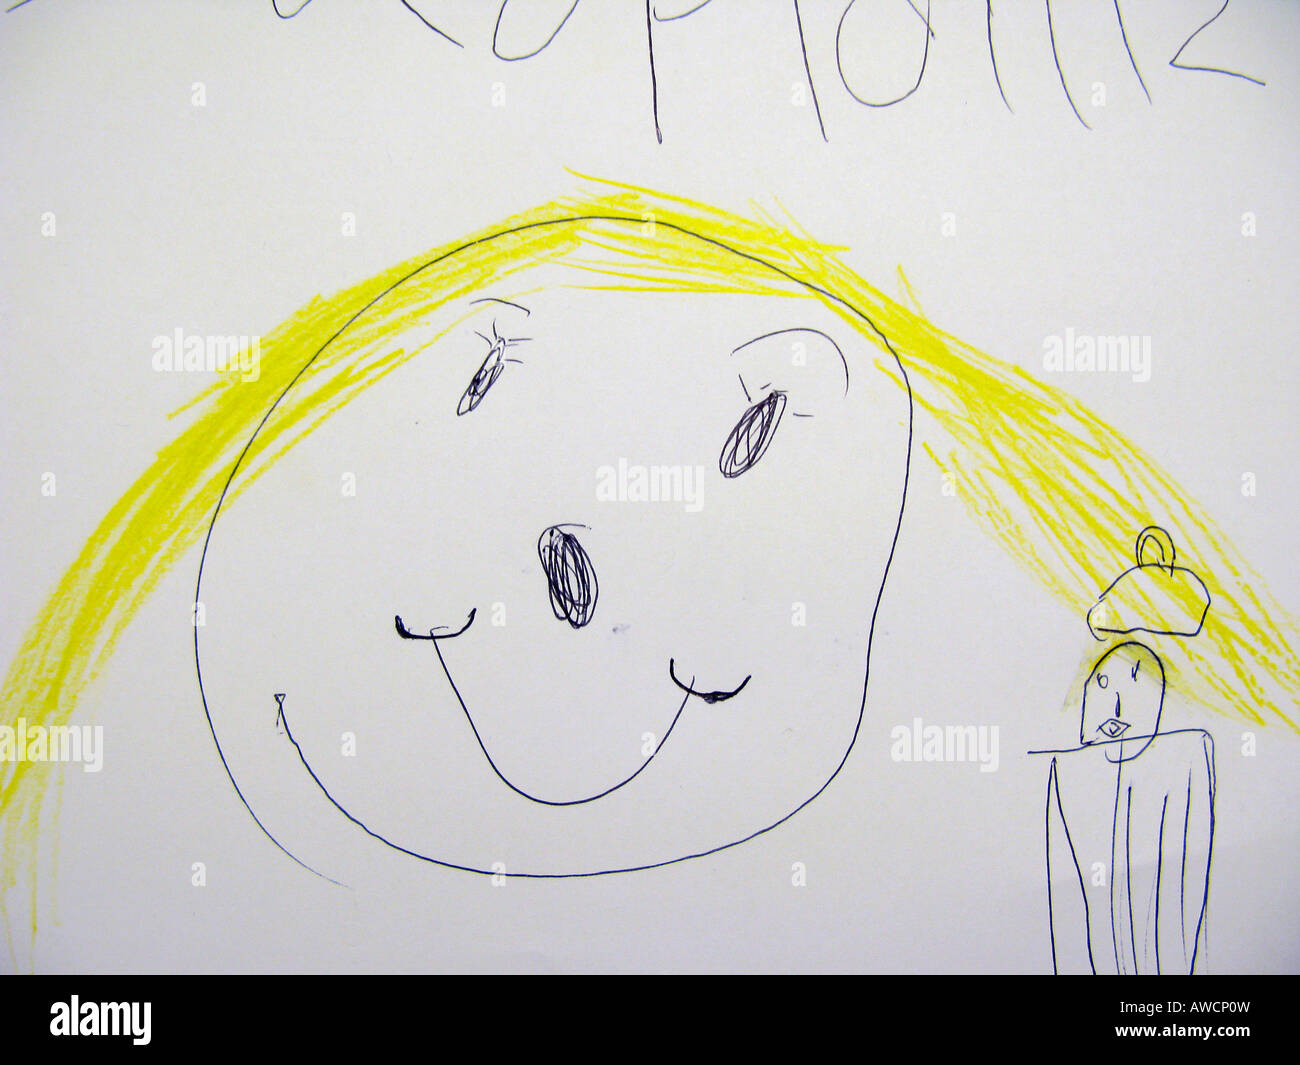 Disegno Di Un Bambino : Bambino s di disegno di un volto sorridente foto & immagine stock